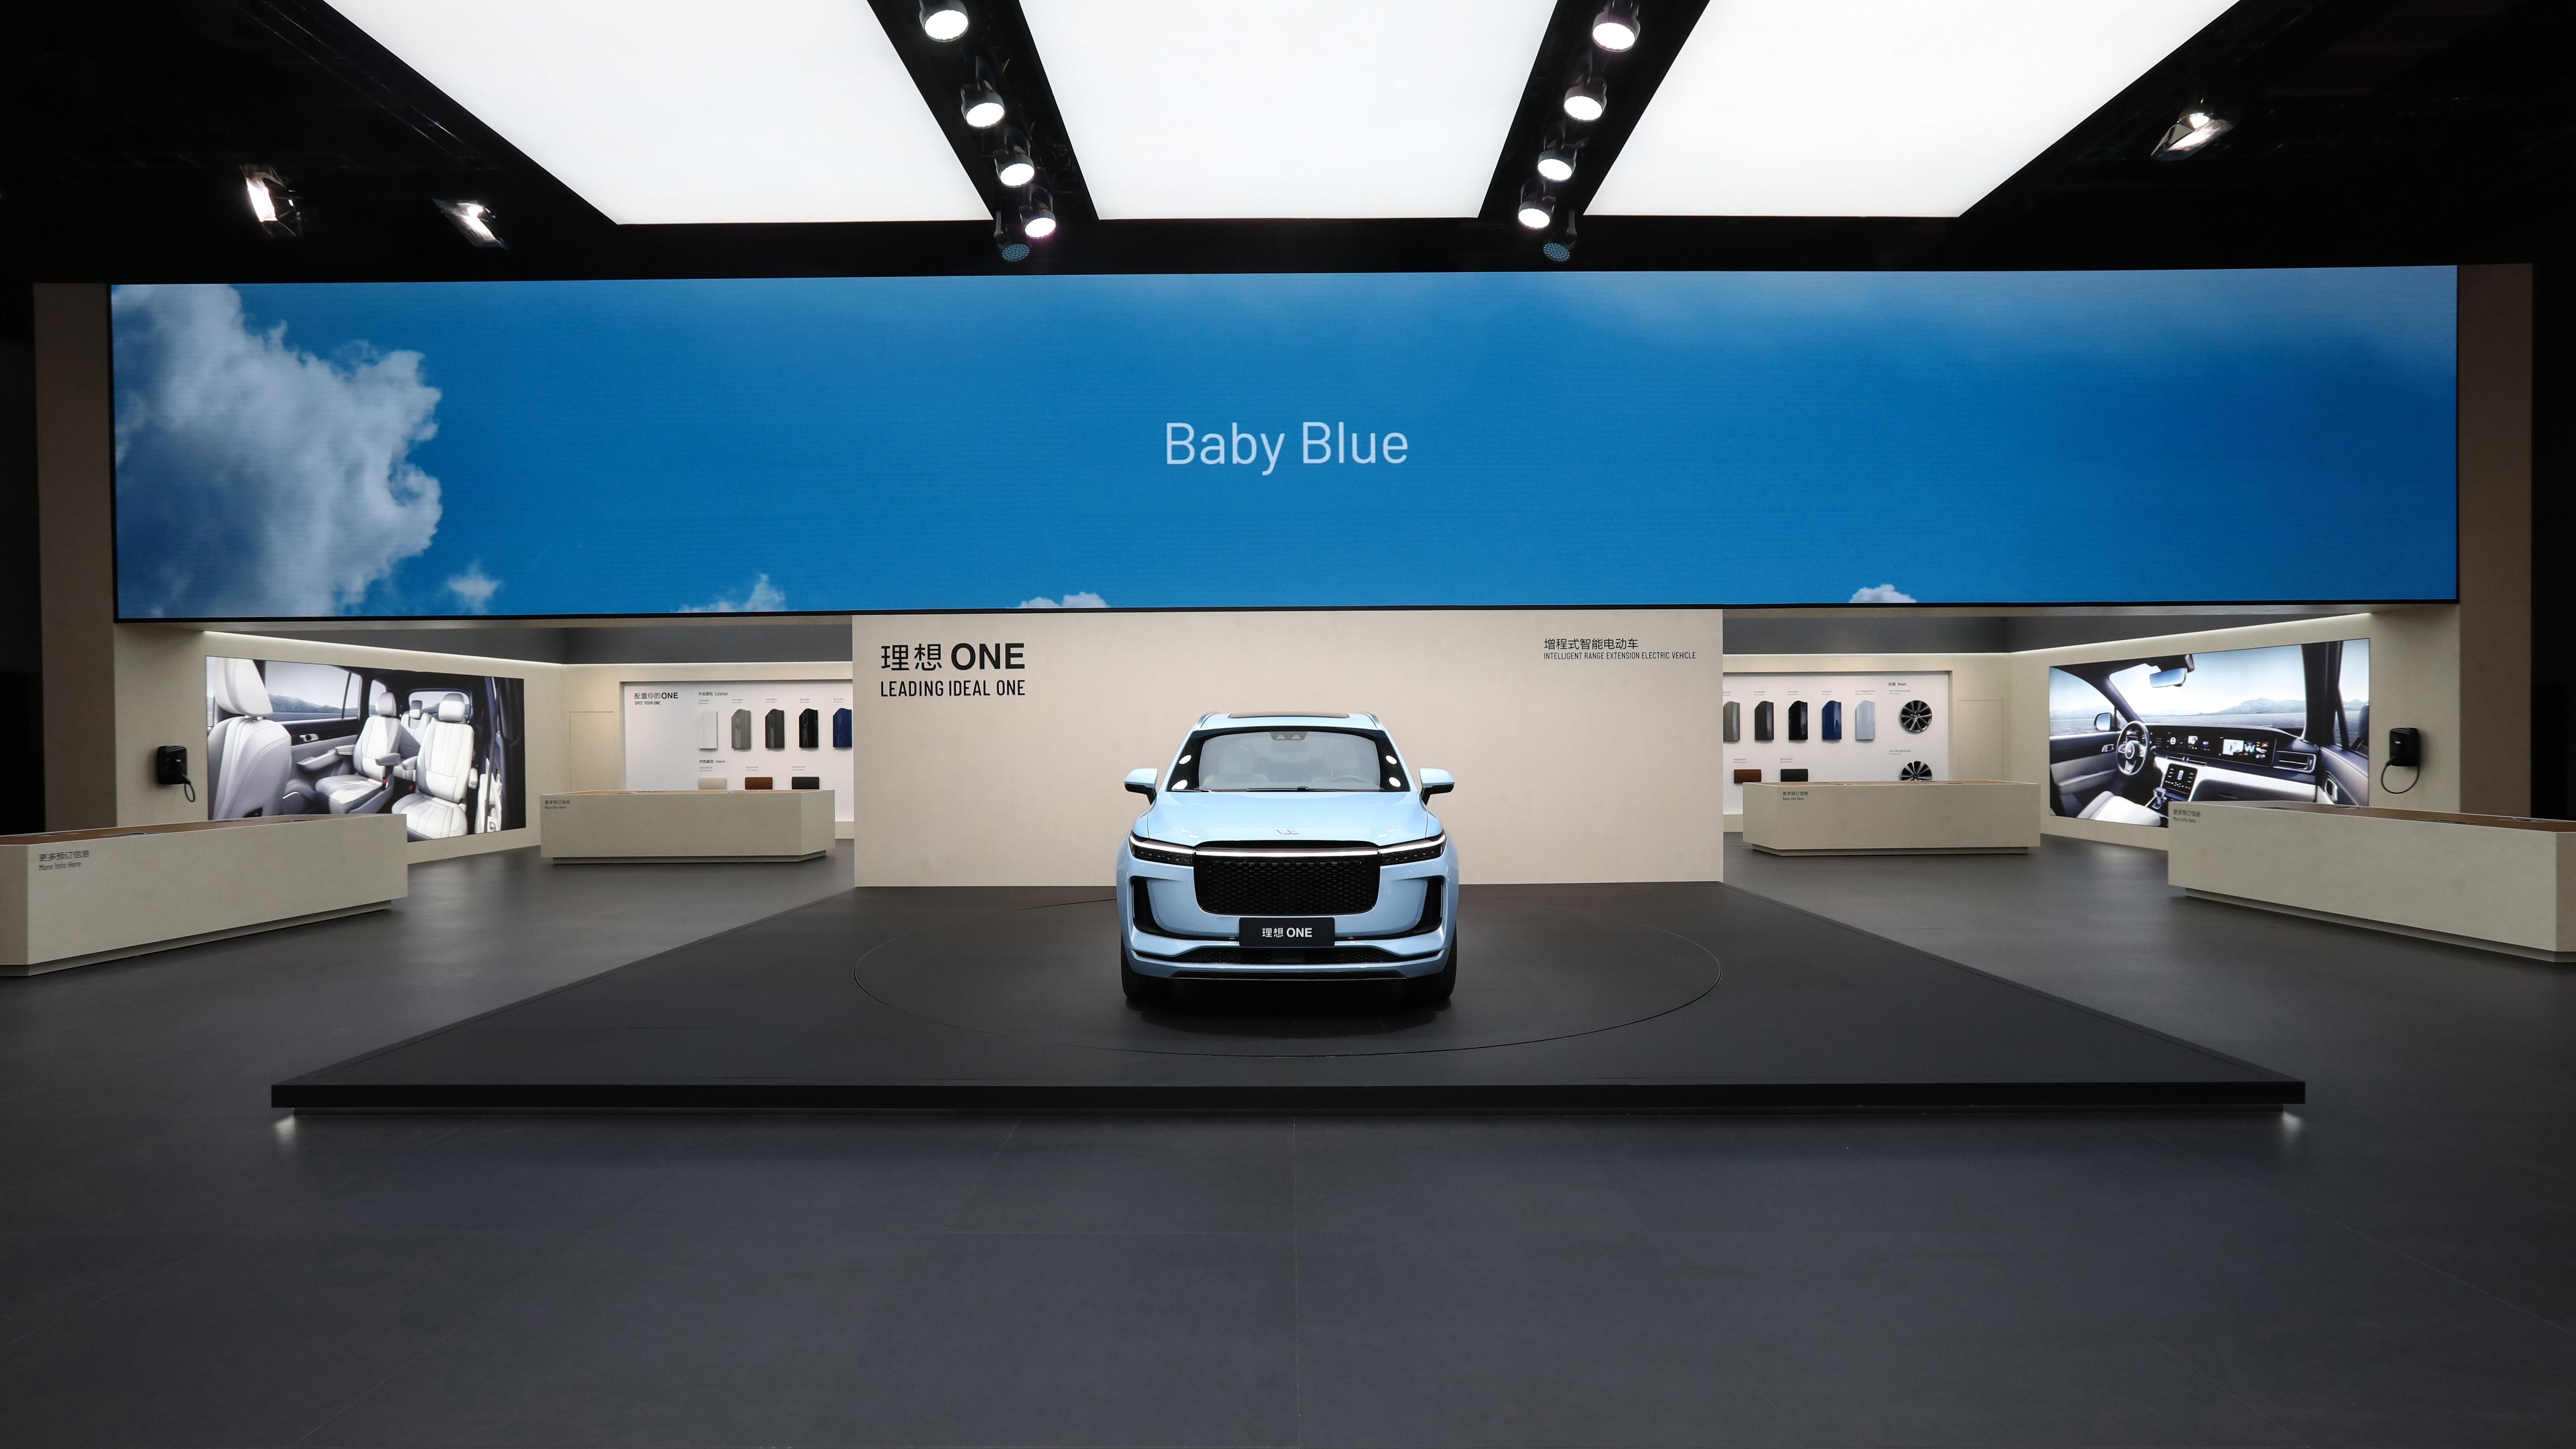 02_理想ONE Baby Blue限量版珍珠漆.jpg